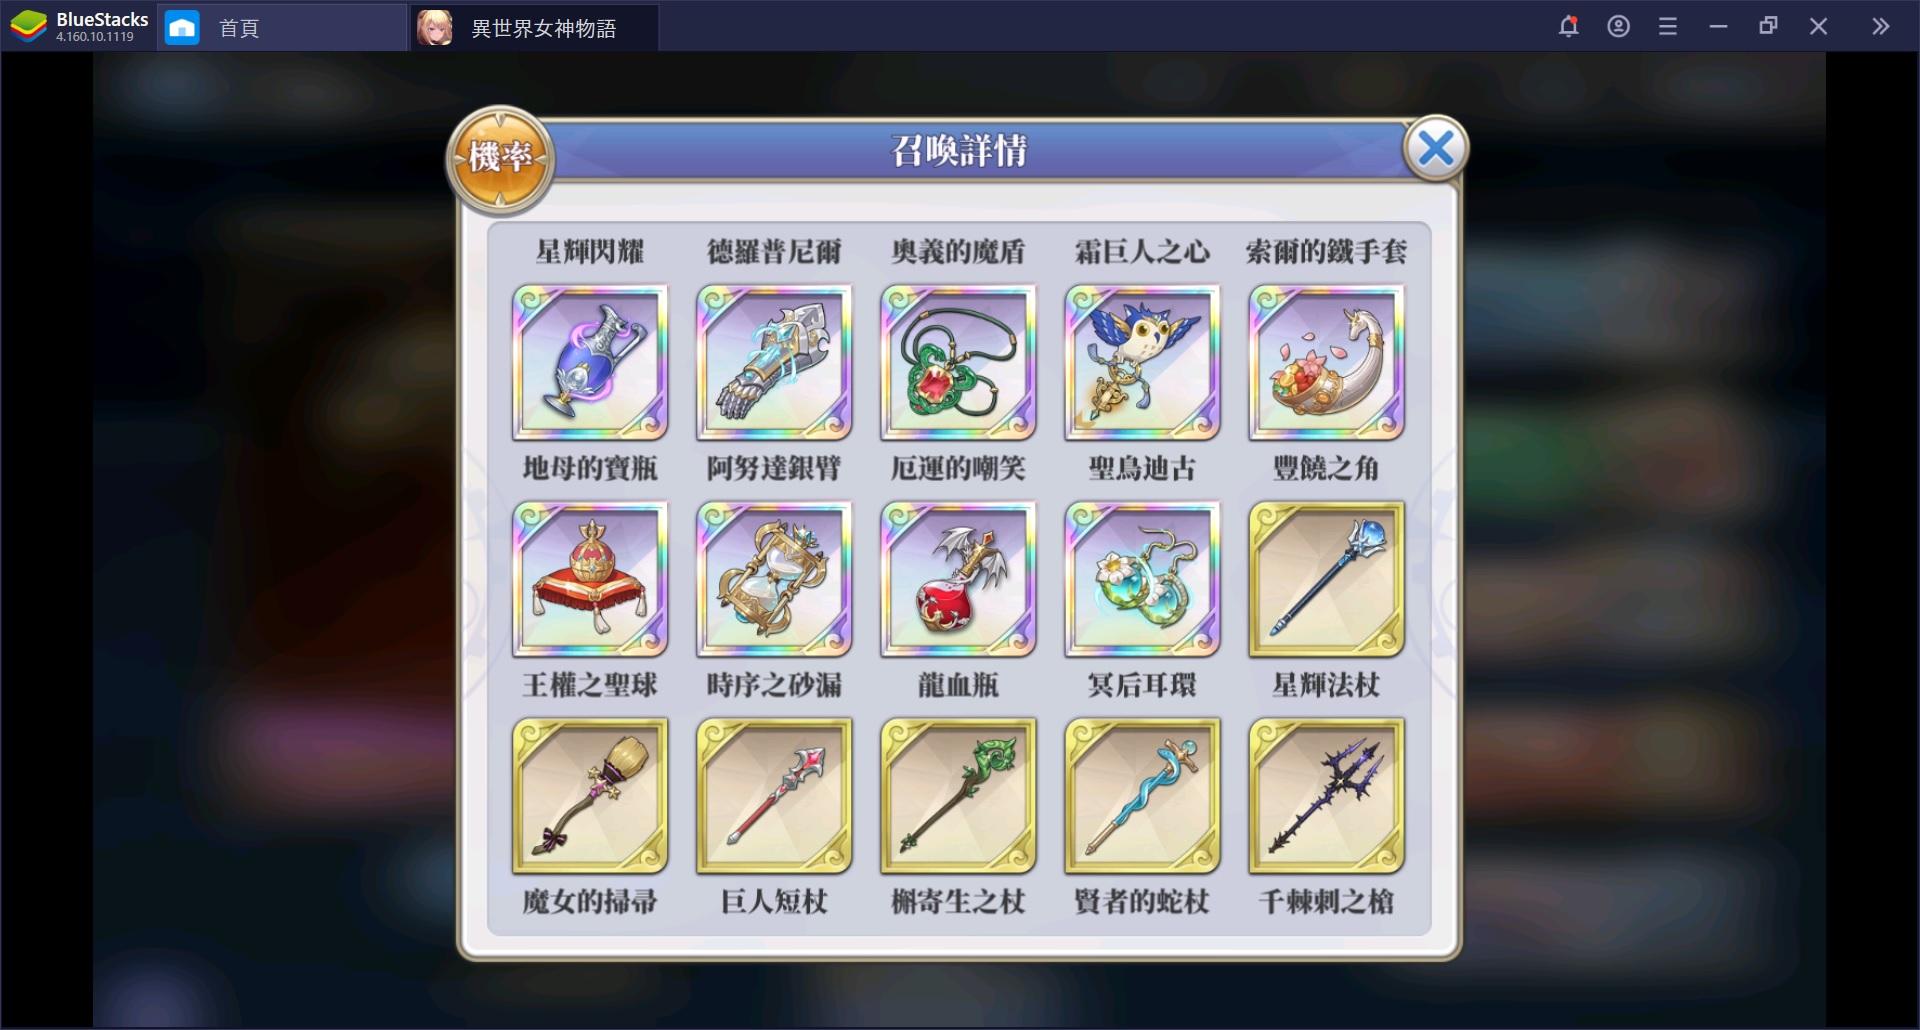 奇幻卡牌戰鬥 RPG《異世界女神物語》:英雄強化功能之盤點